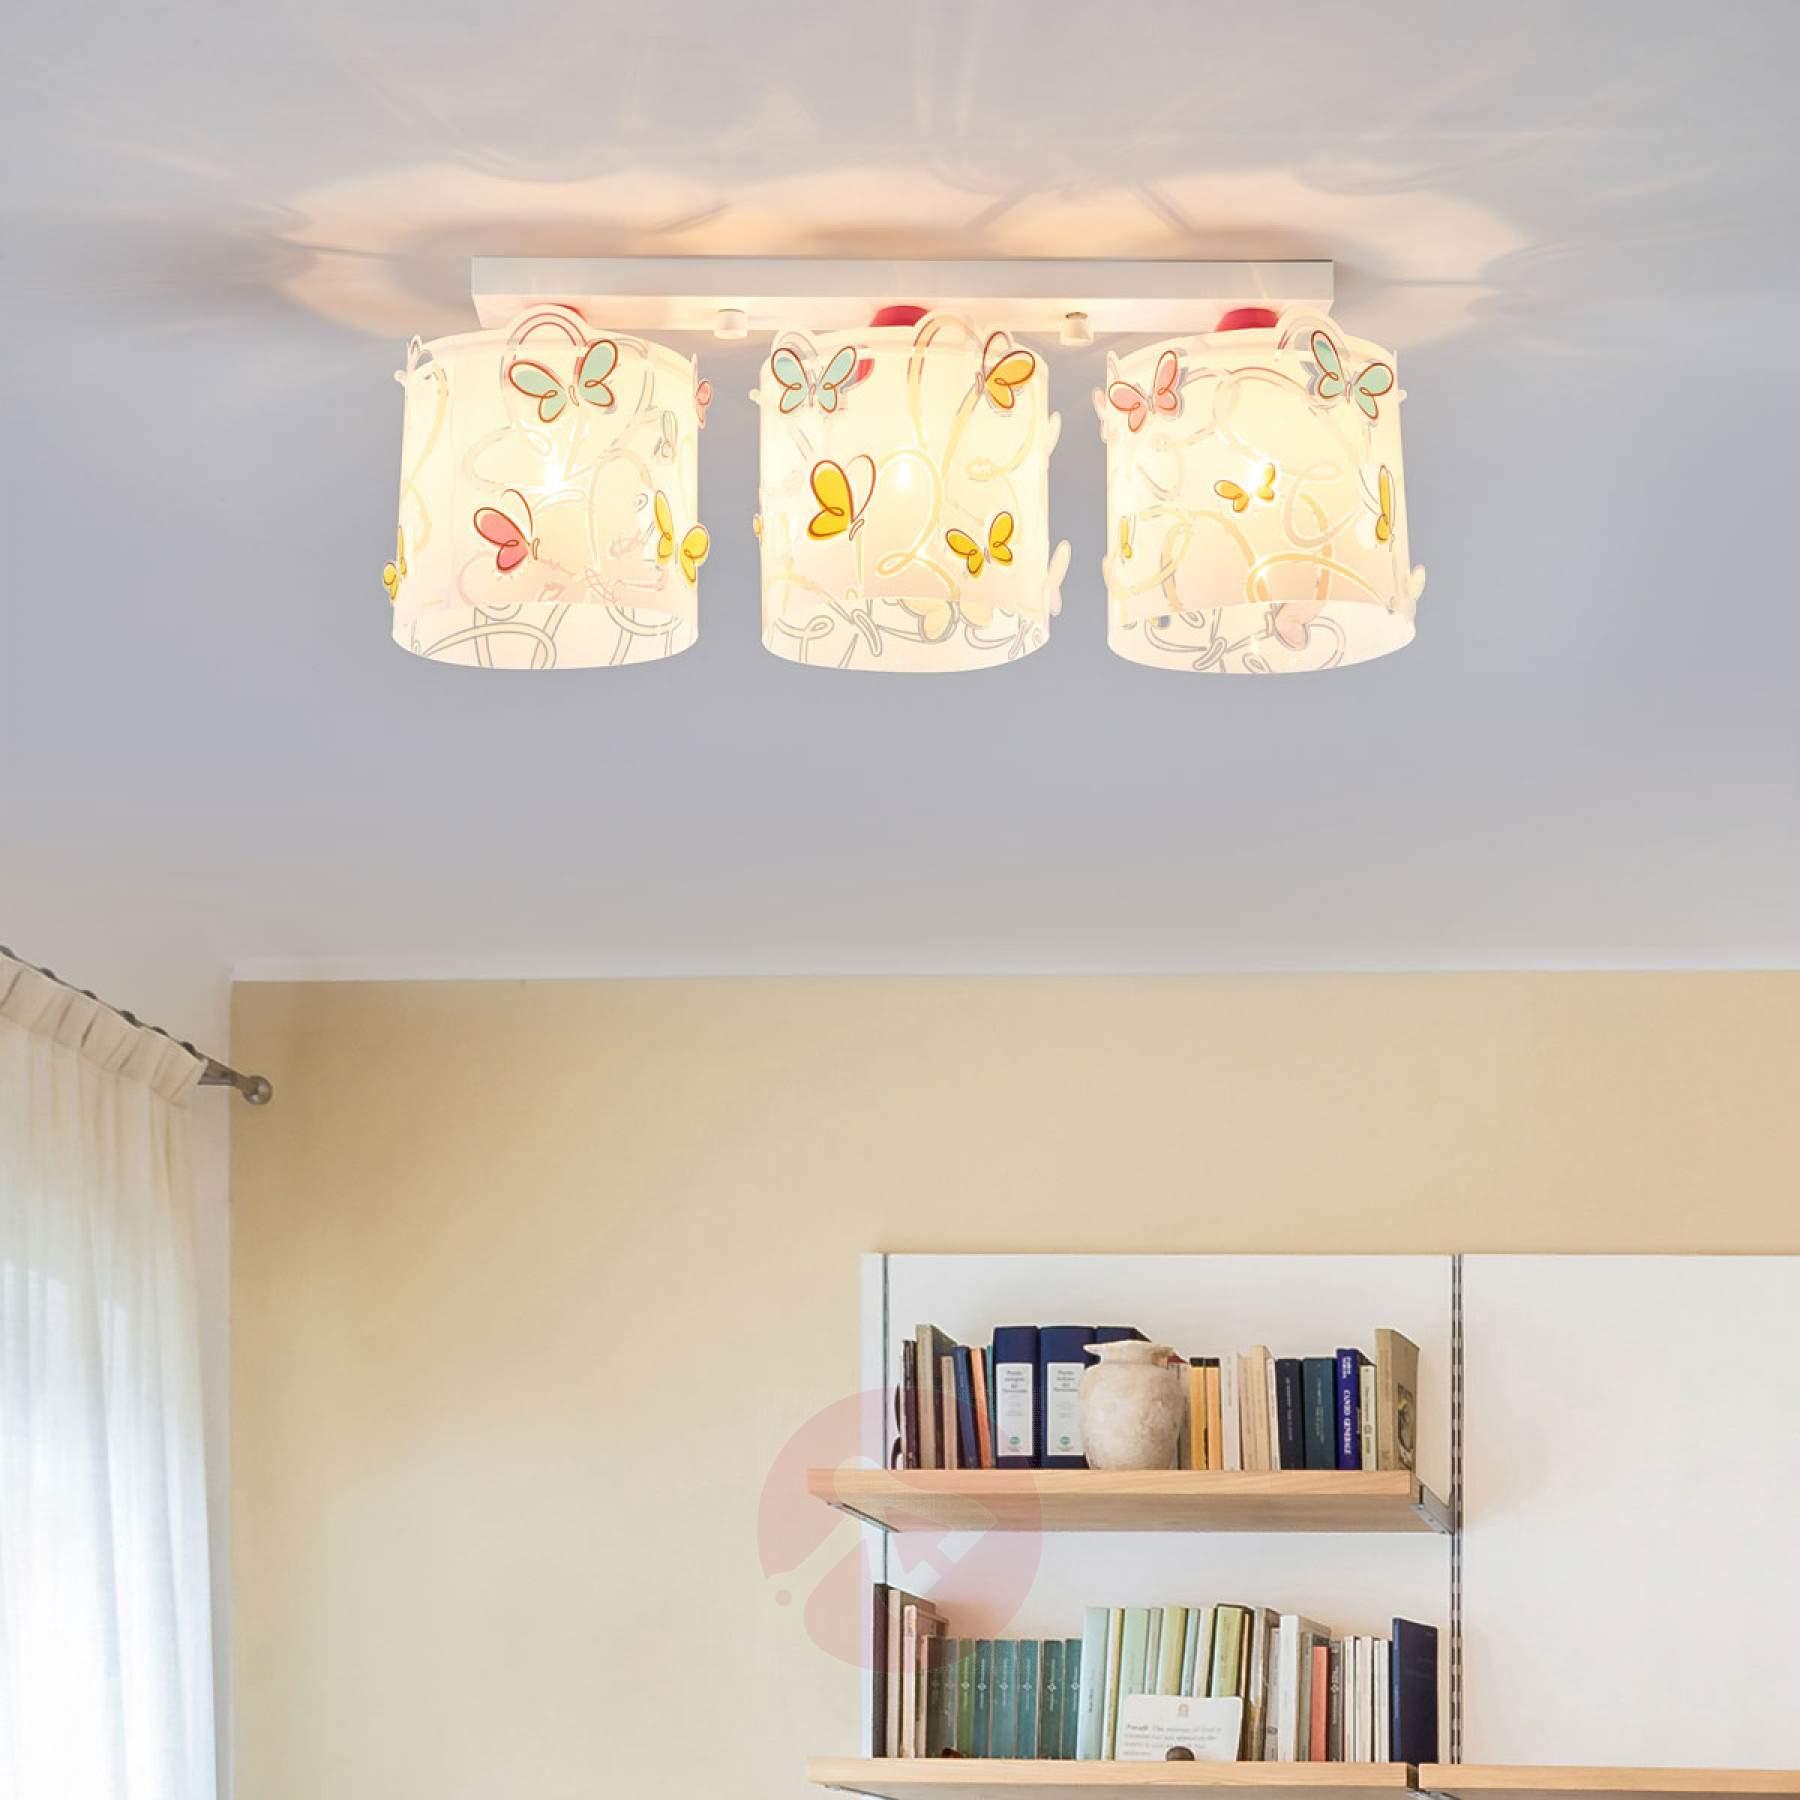 Full Size of Deckenlampen Für Wohnzimmer Sofa Kinderzimmer Modern Regal Weiß Regale Kinderzimmer Deckenlampen Kinderzimmer